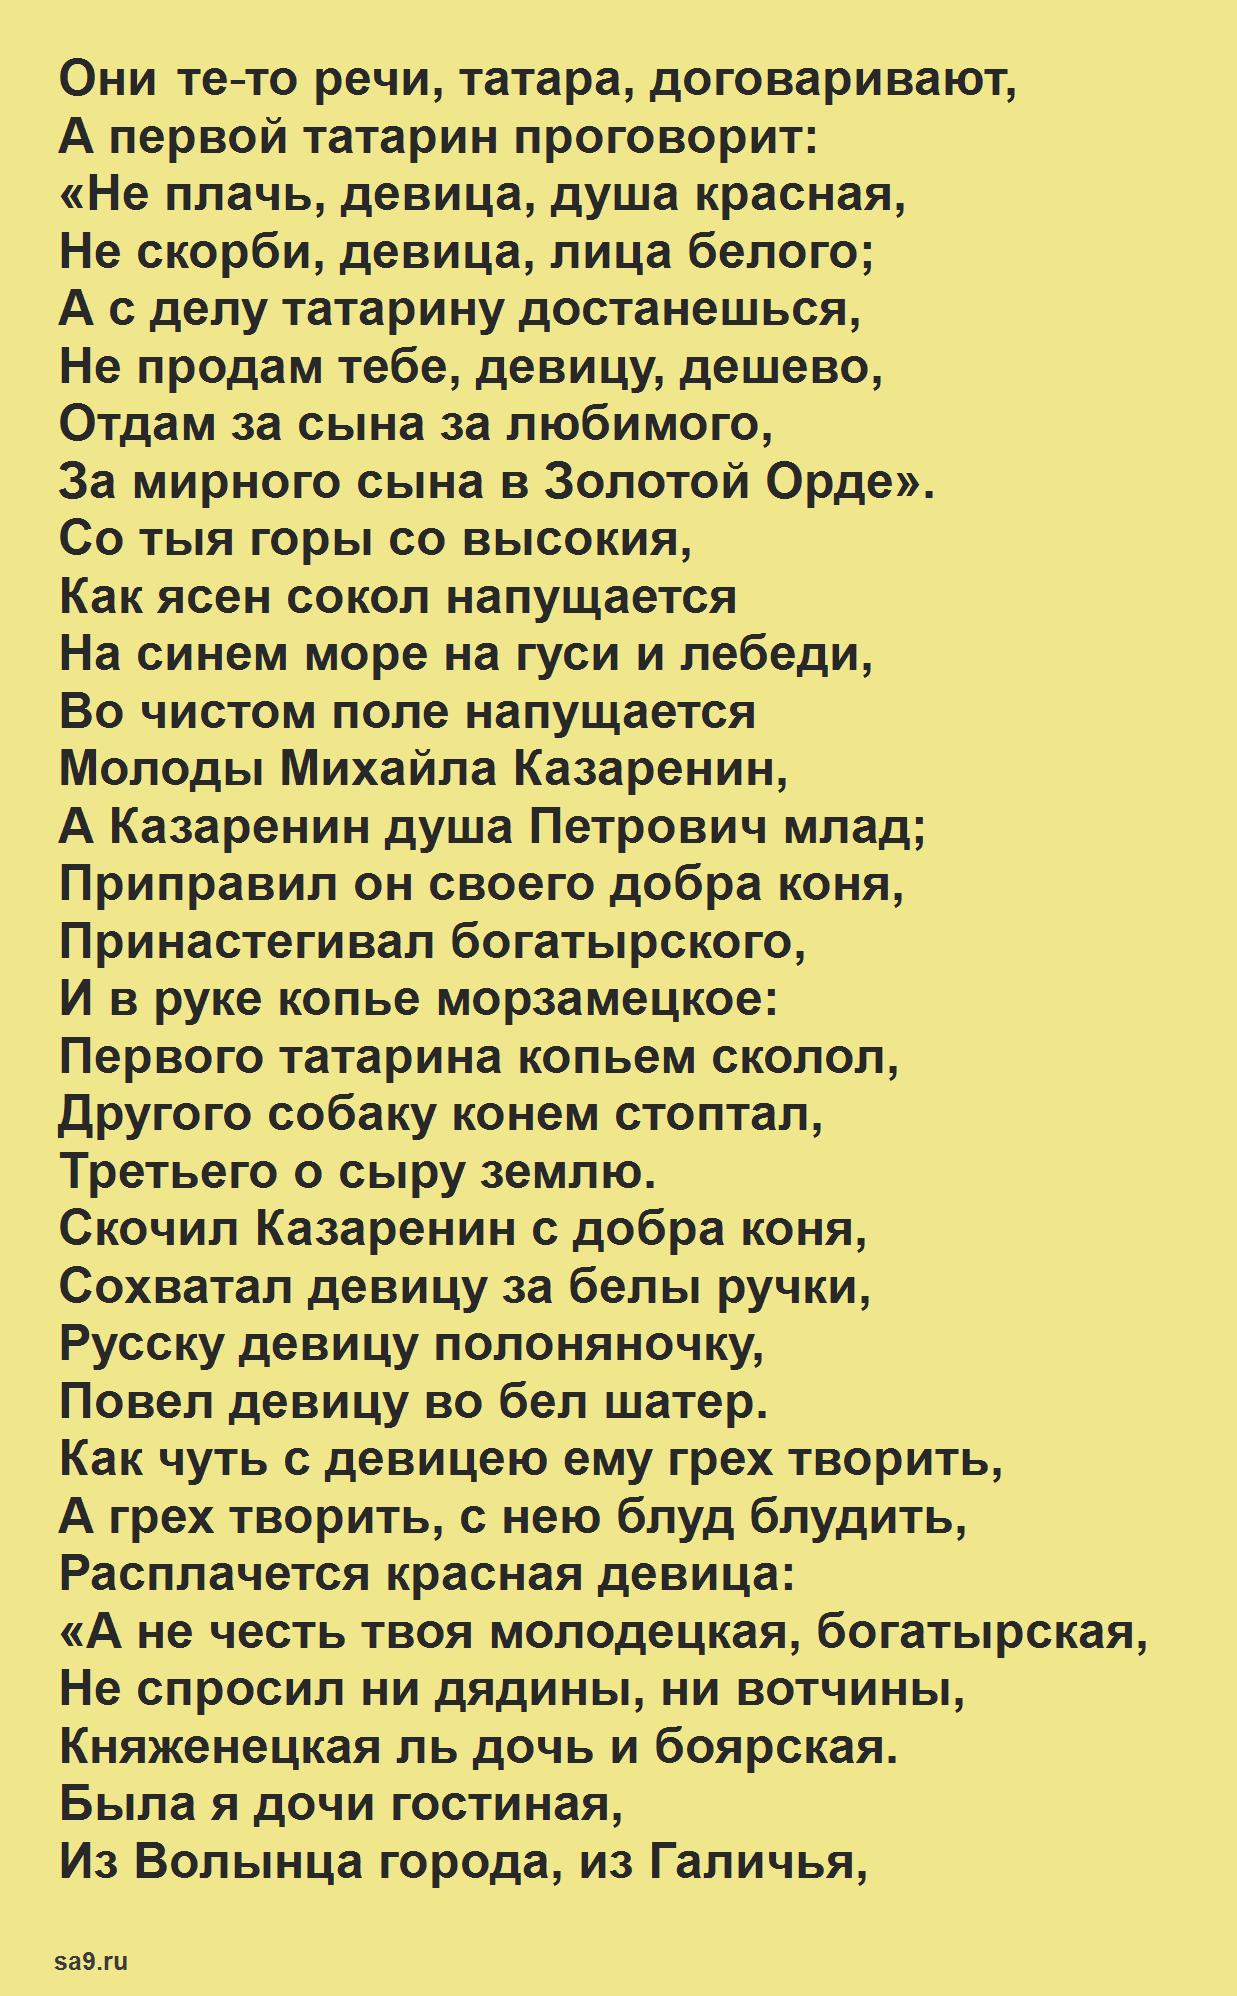 Читать былину - Михайло Казаренин, полностью бесплатно